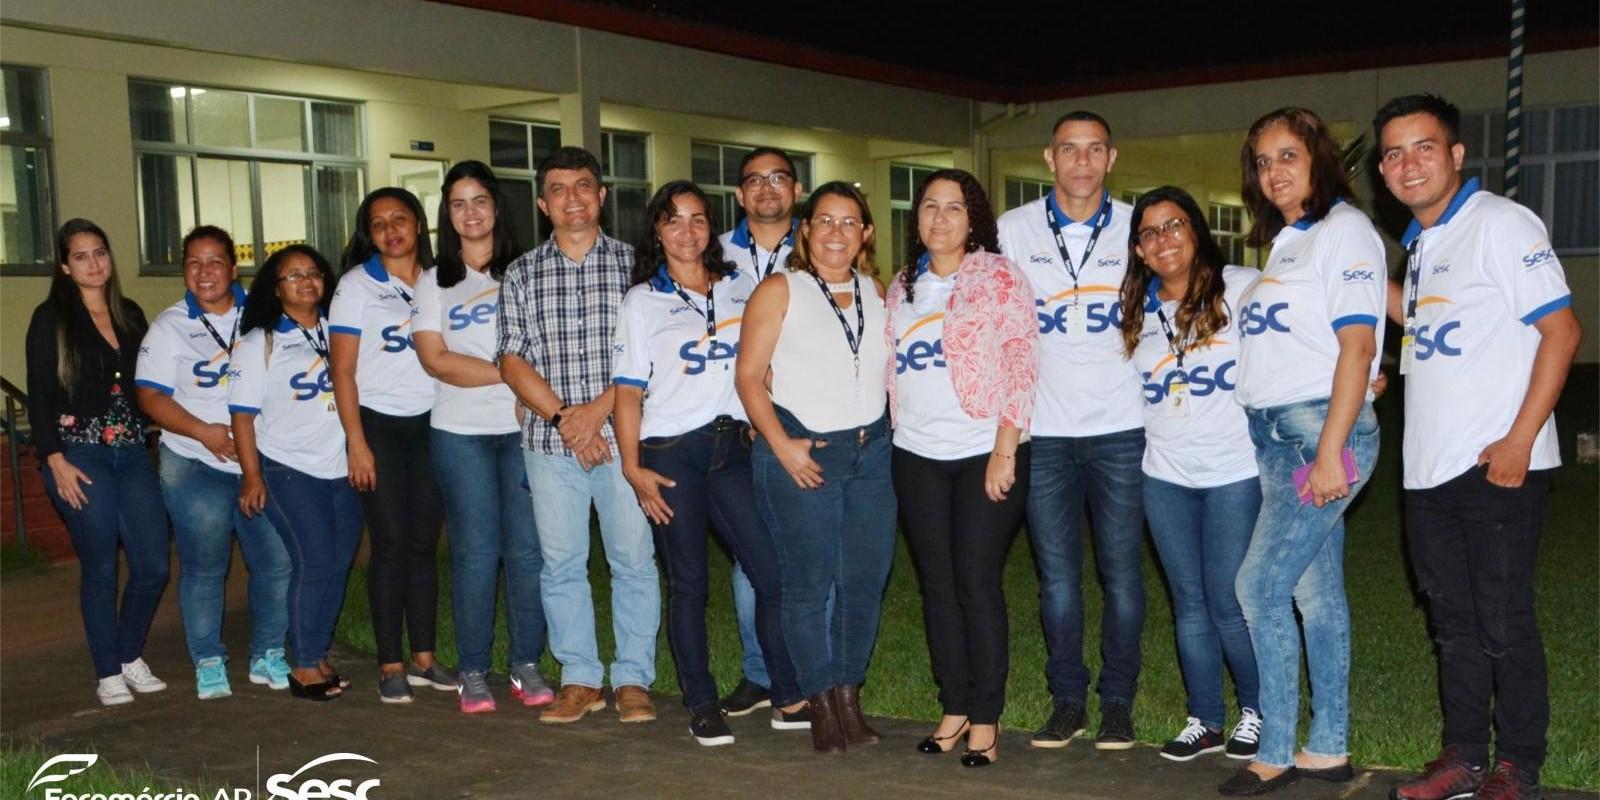 Visita Técnica da Diretoria do Sesc nas Unidades Sesc Ler Oiapoque, Laranjal do Jari e Amapá.